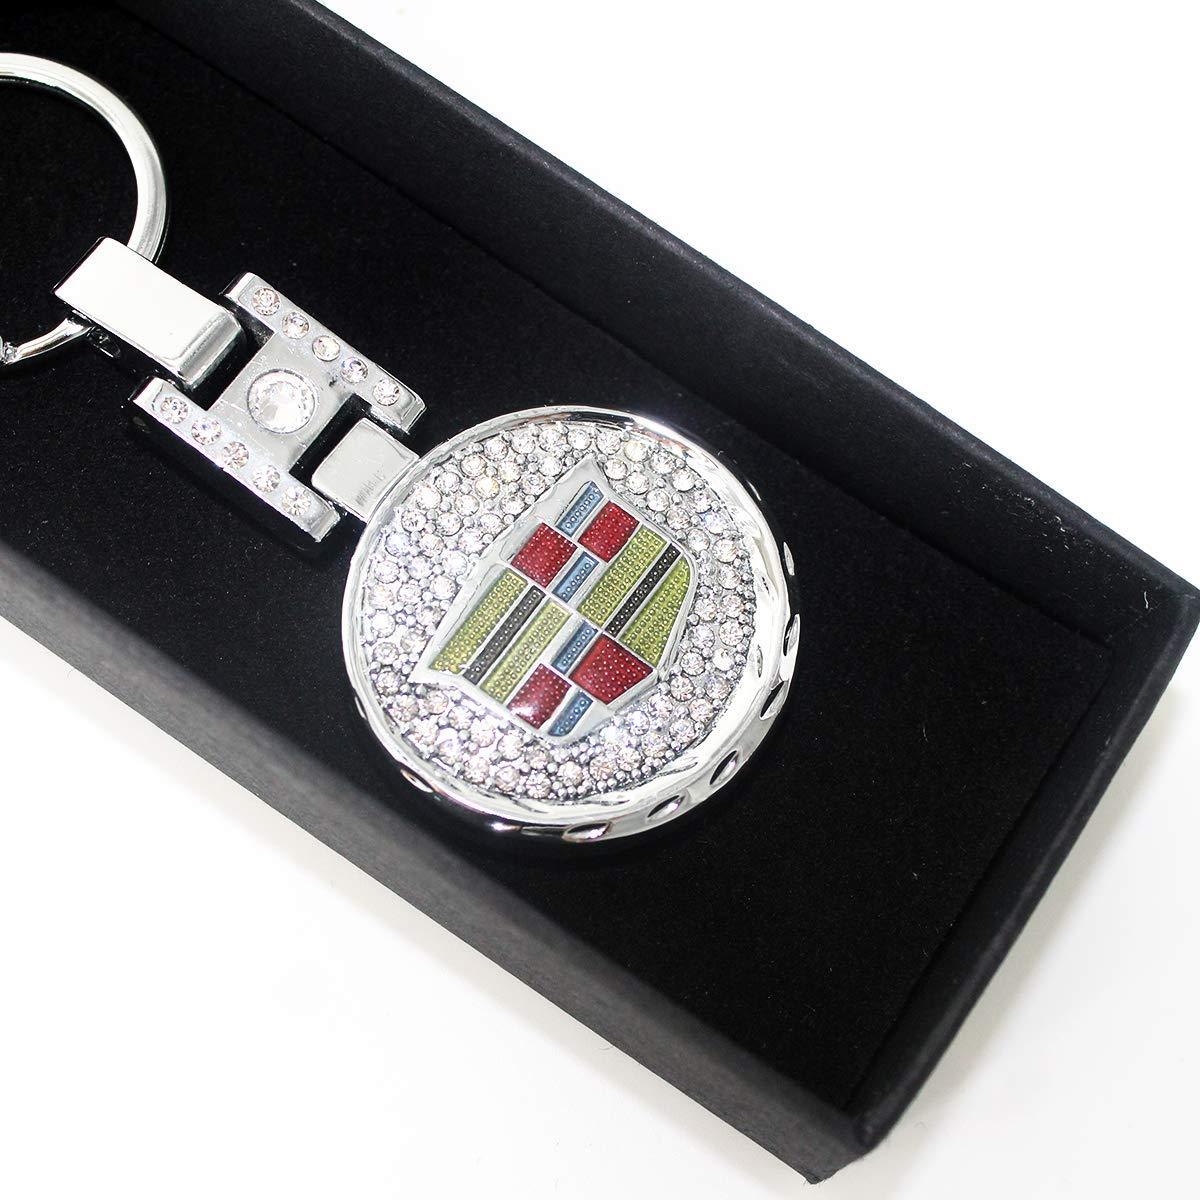 YI MEI DA Metal Alloy Car Keychain Key Ring Key Chain Fashion Crystal for Cadillac Emblem Decoration